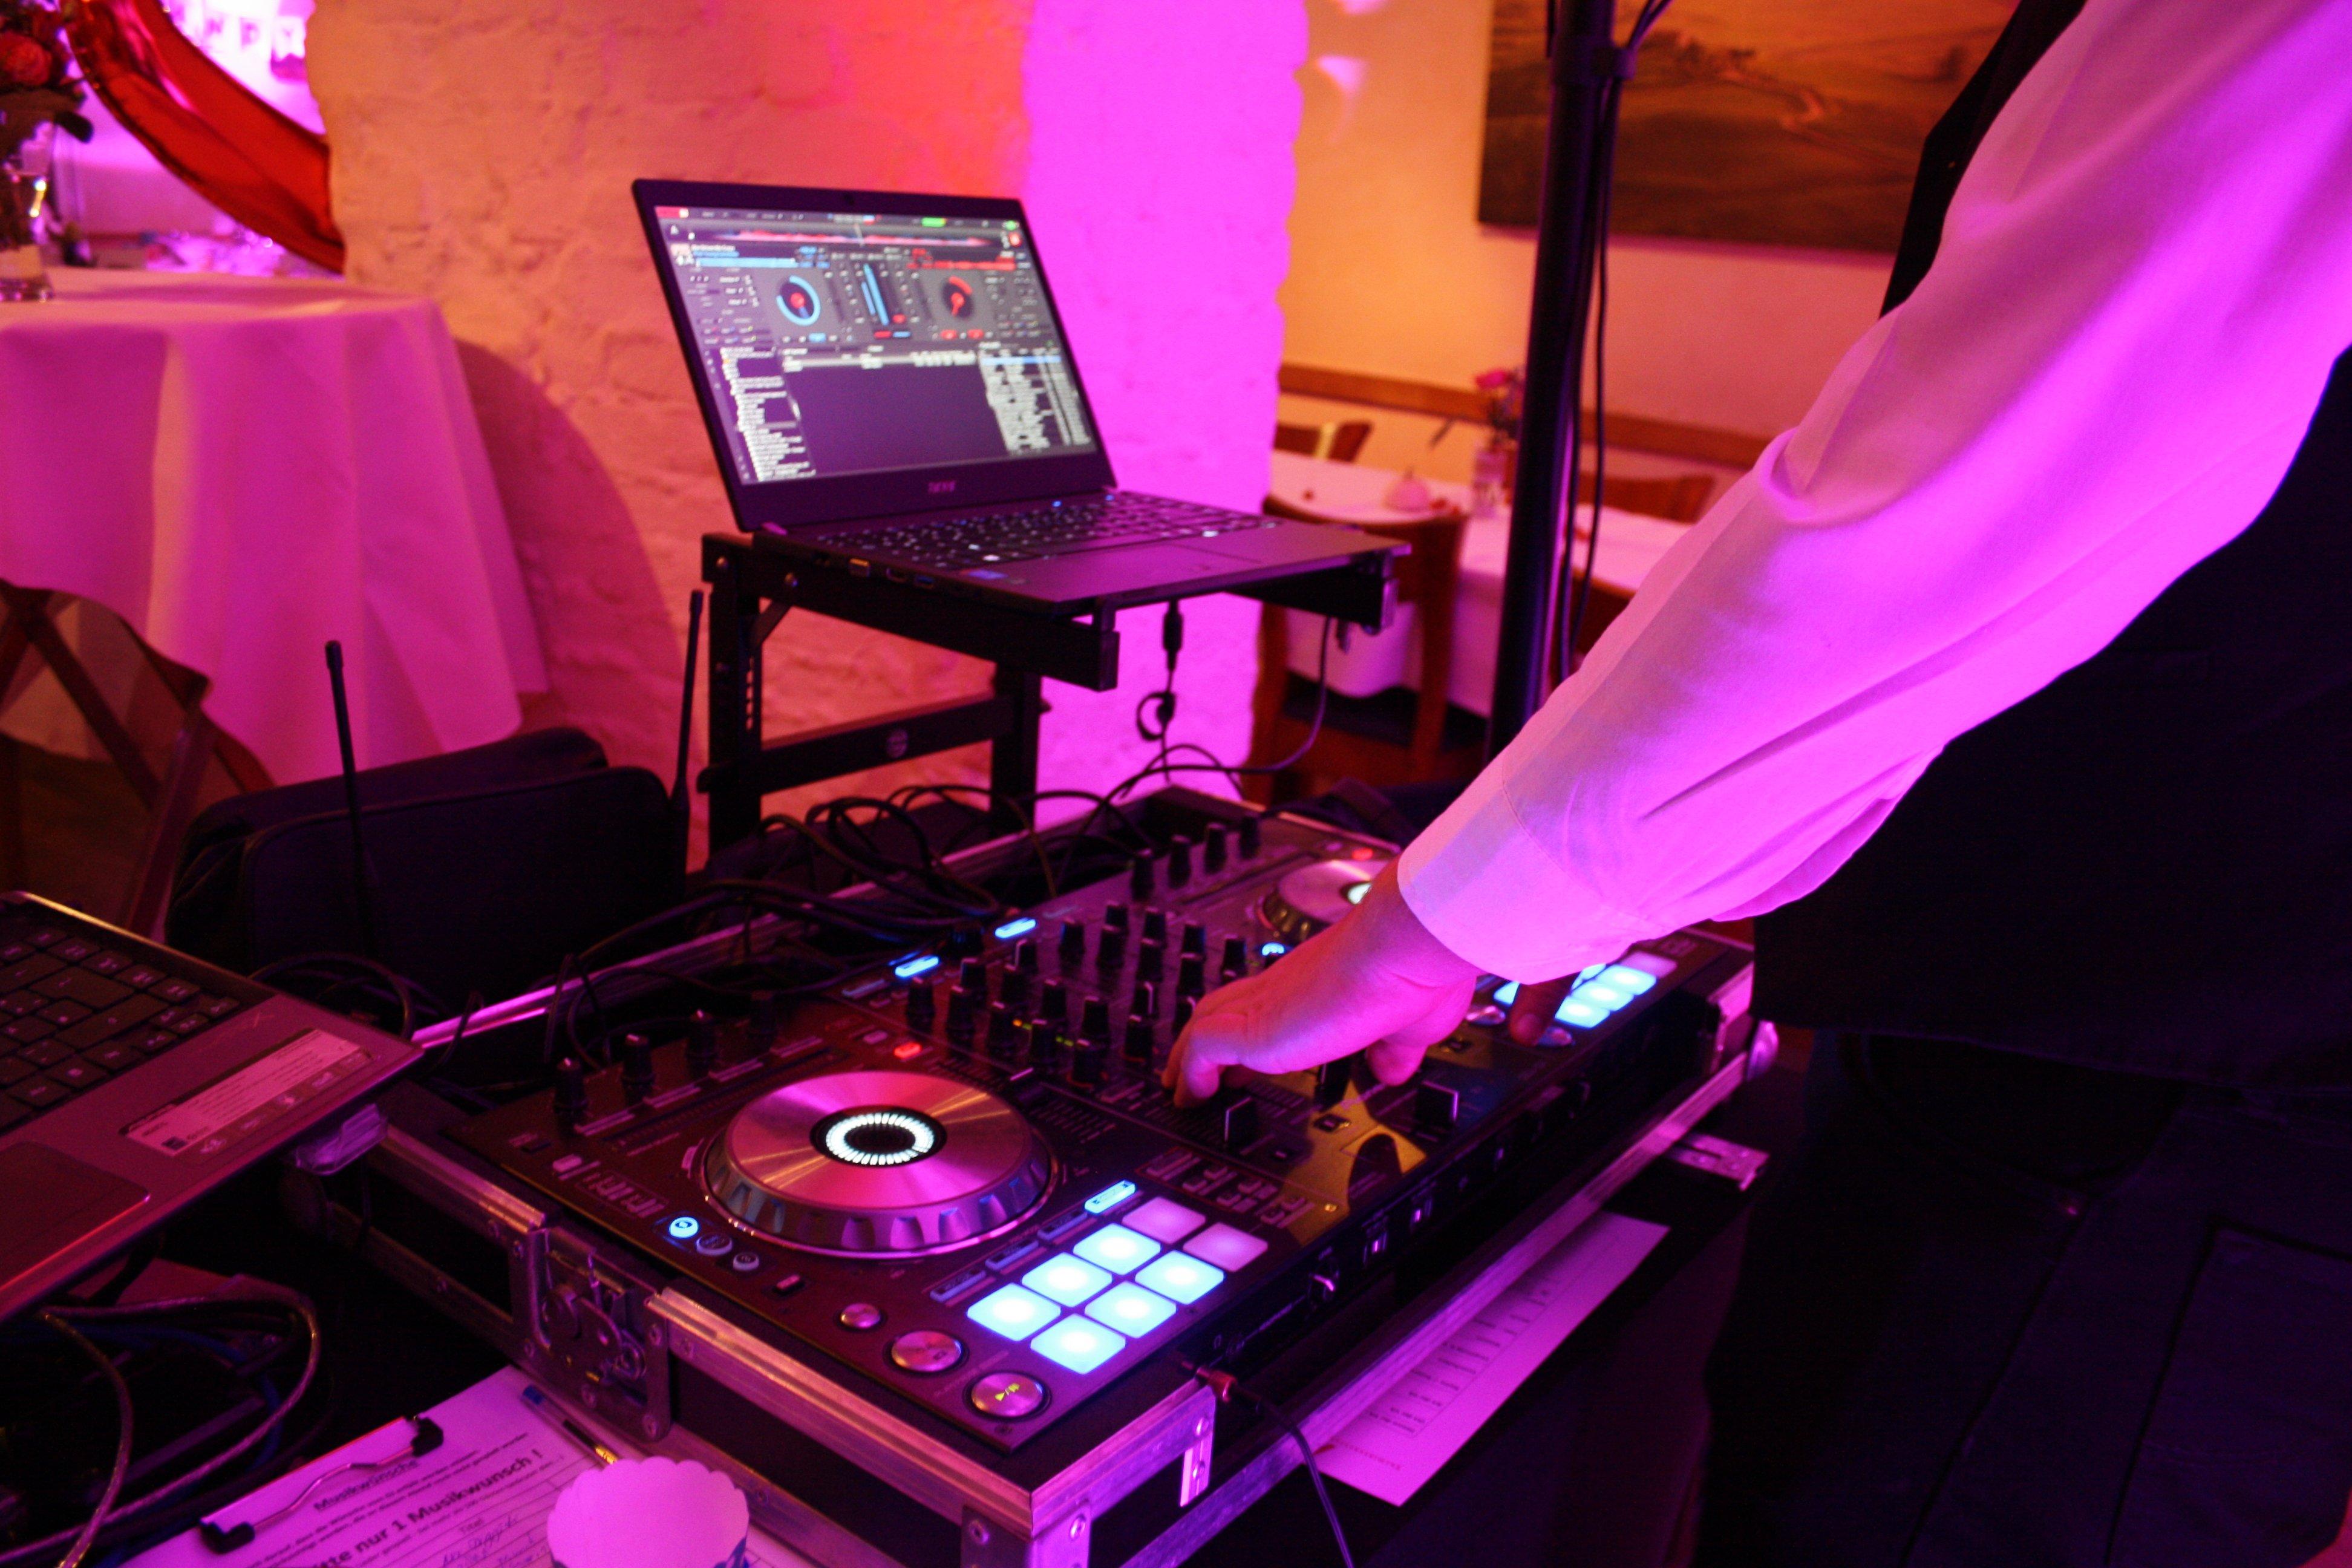 Professionell auflegen mit Aw-audio.DJ 4